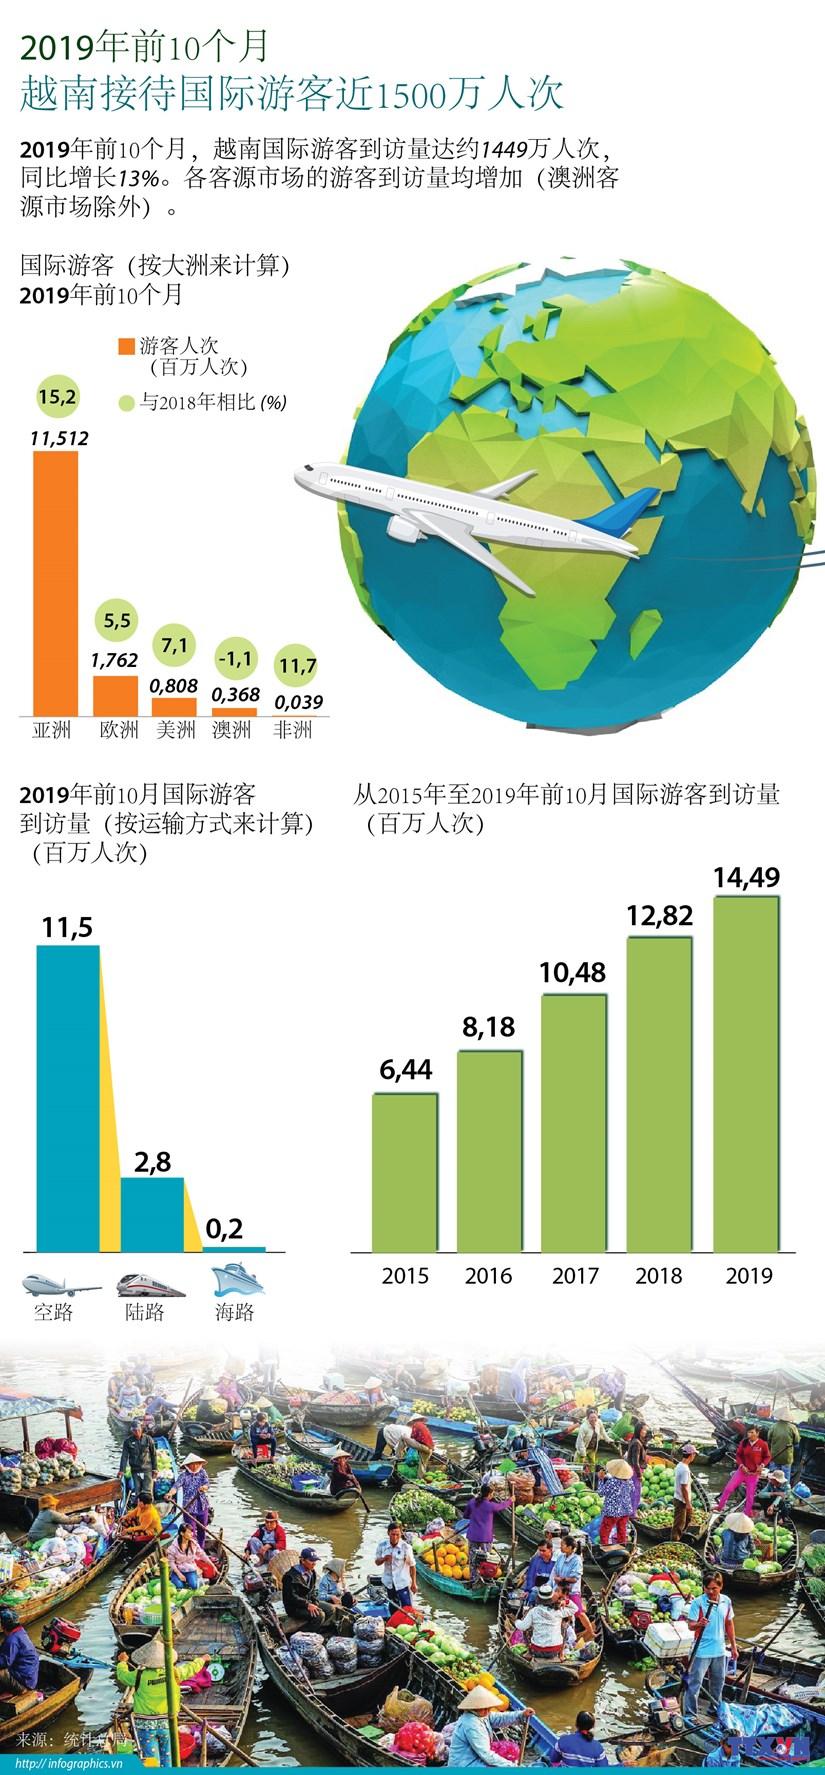 图表新闻:2019年前10月越南接待国际游客近1500万人次 hinh anh 1